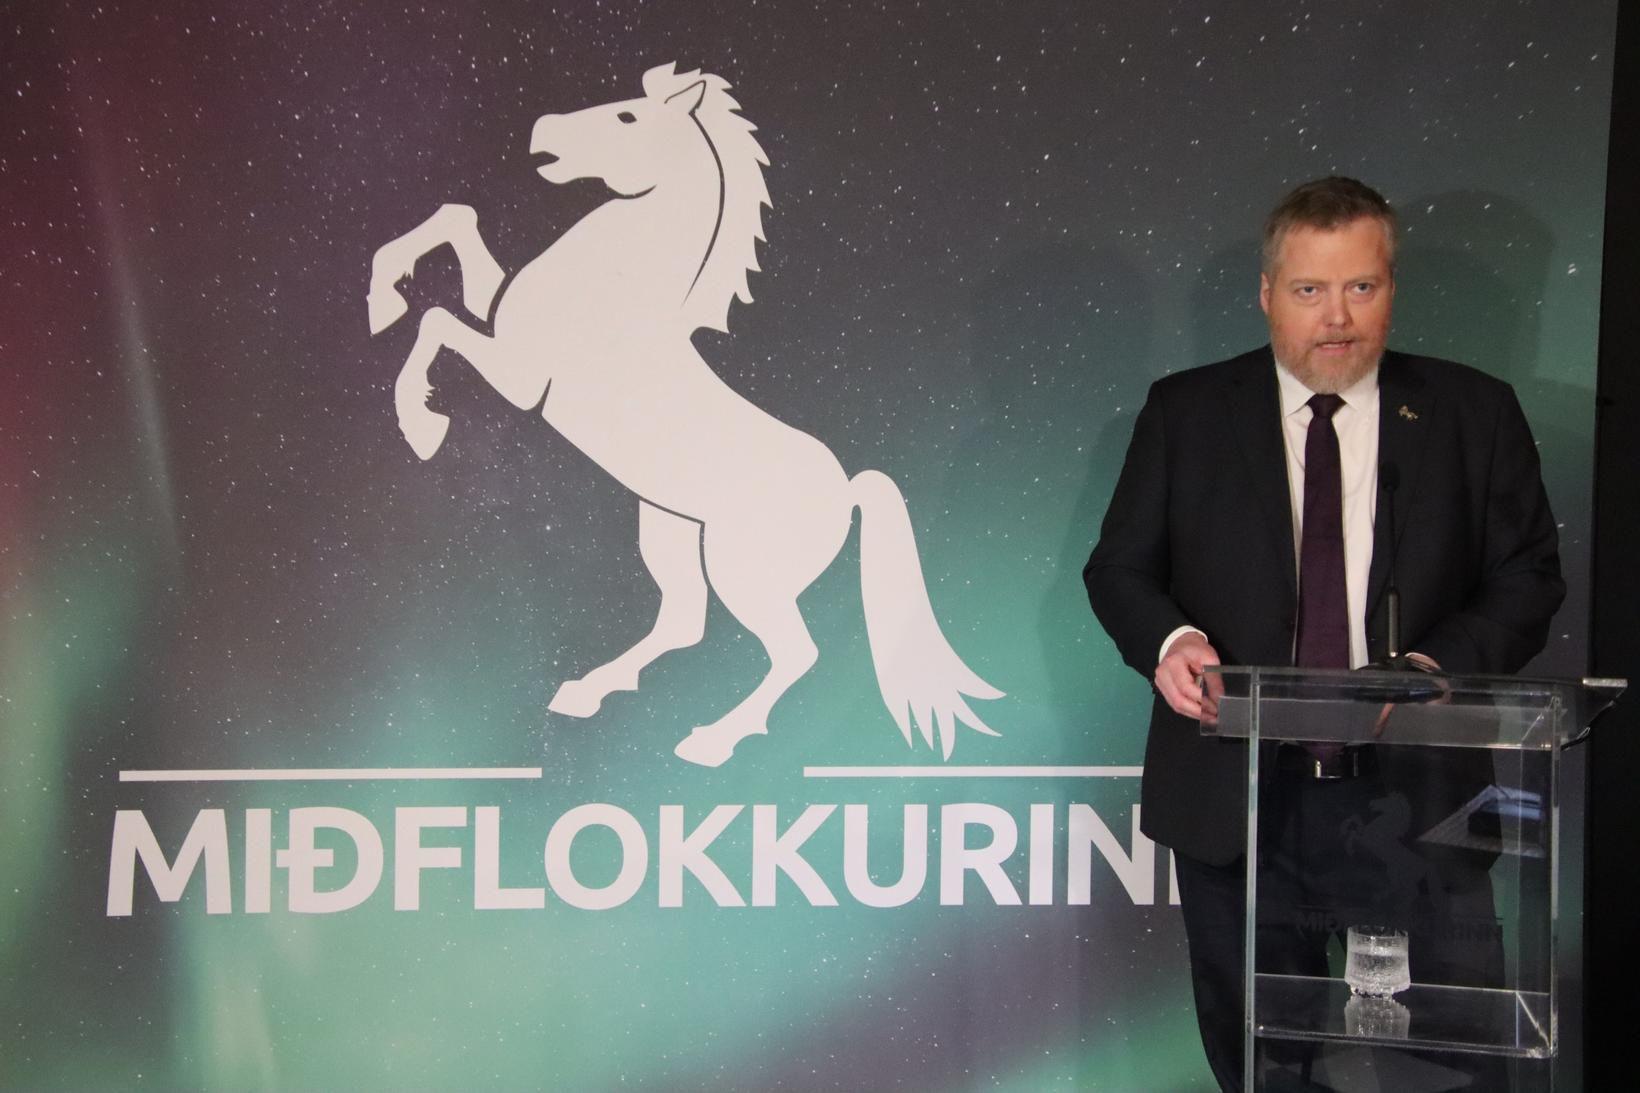 Sigmundur Davíð Miðflokkurinn